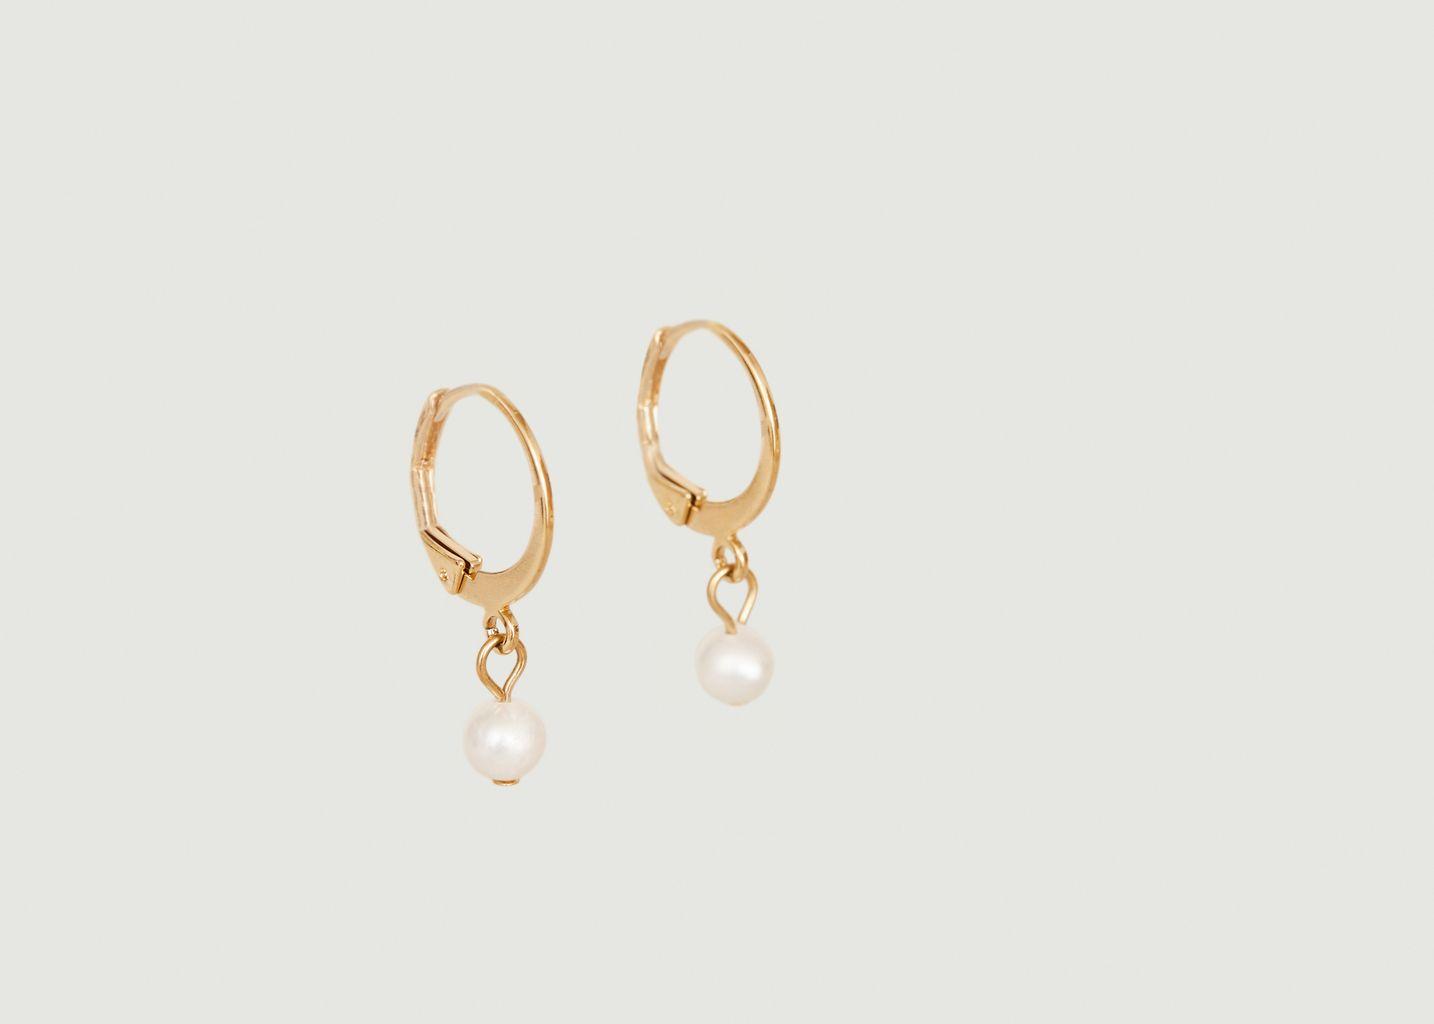 Boucles d'oreilles dormeuses perles Ondine - Louise Damas